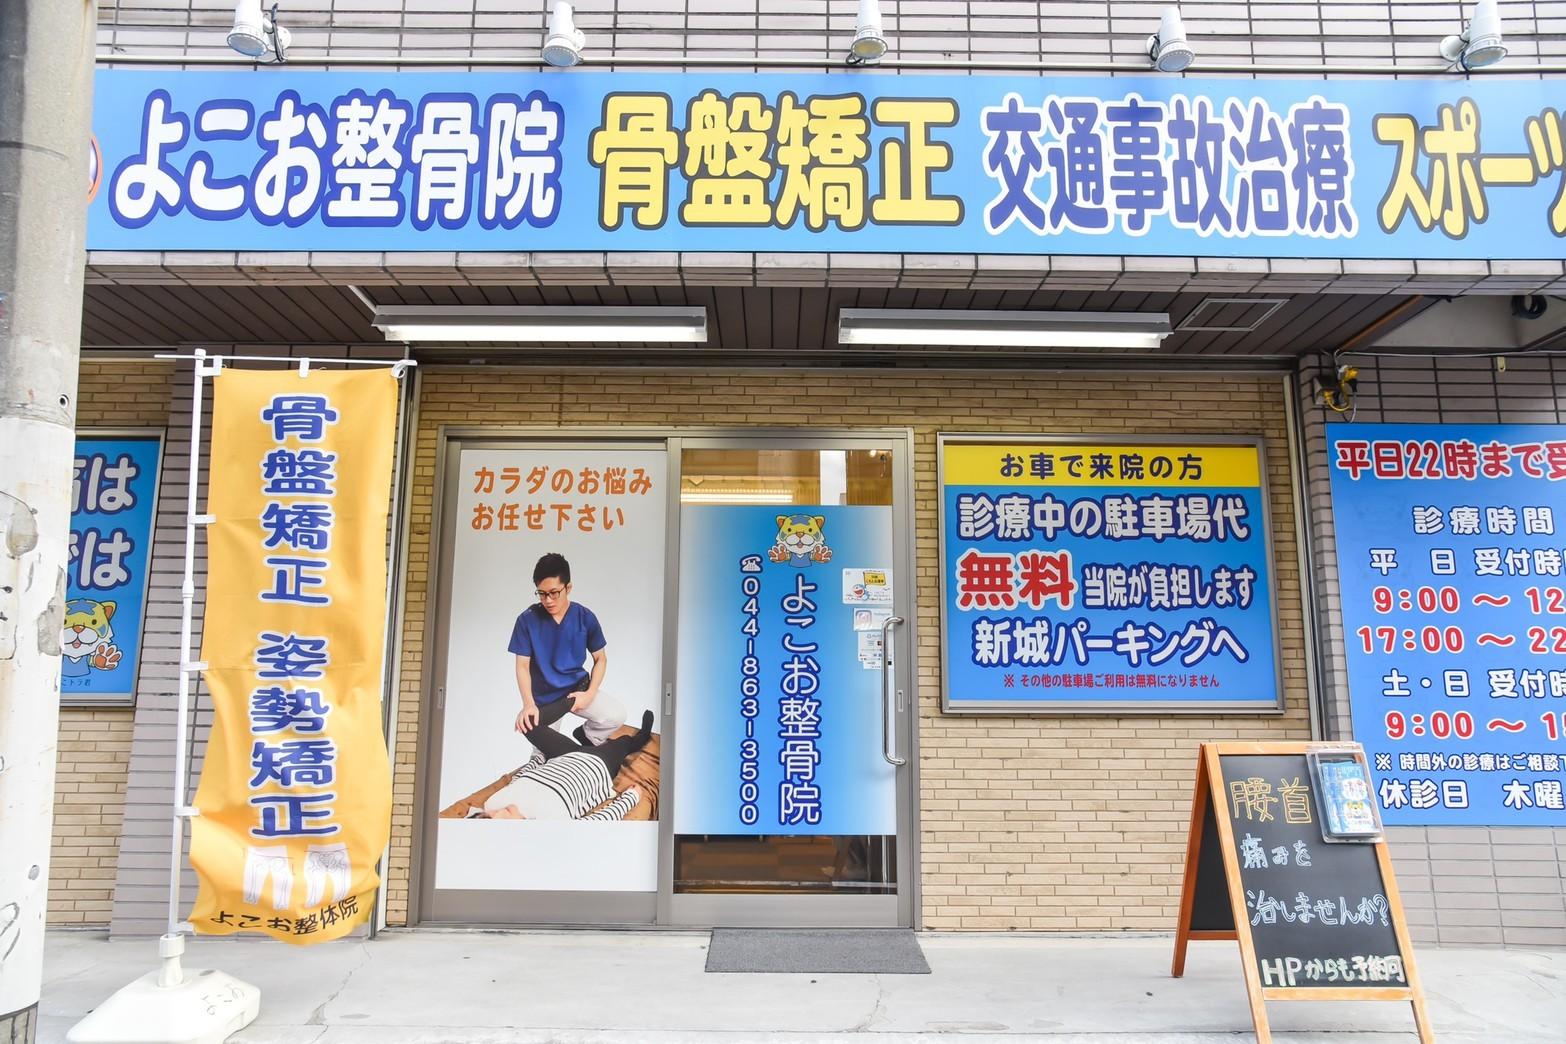 武蔵新城で患者様の身体を根本から治すと口コミで評判の整骨院を取材